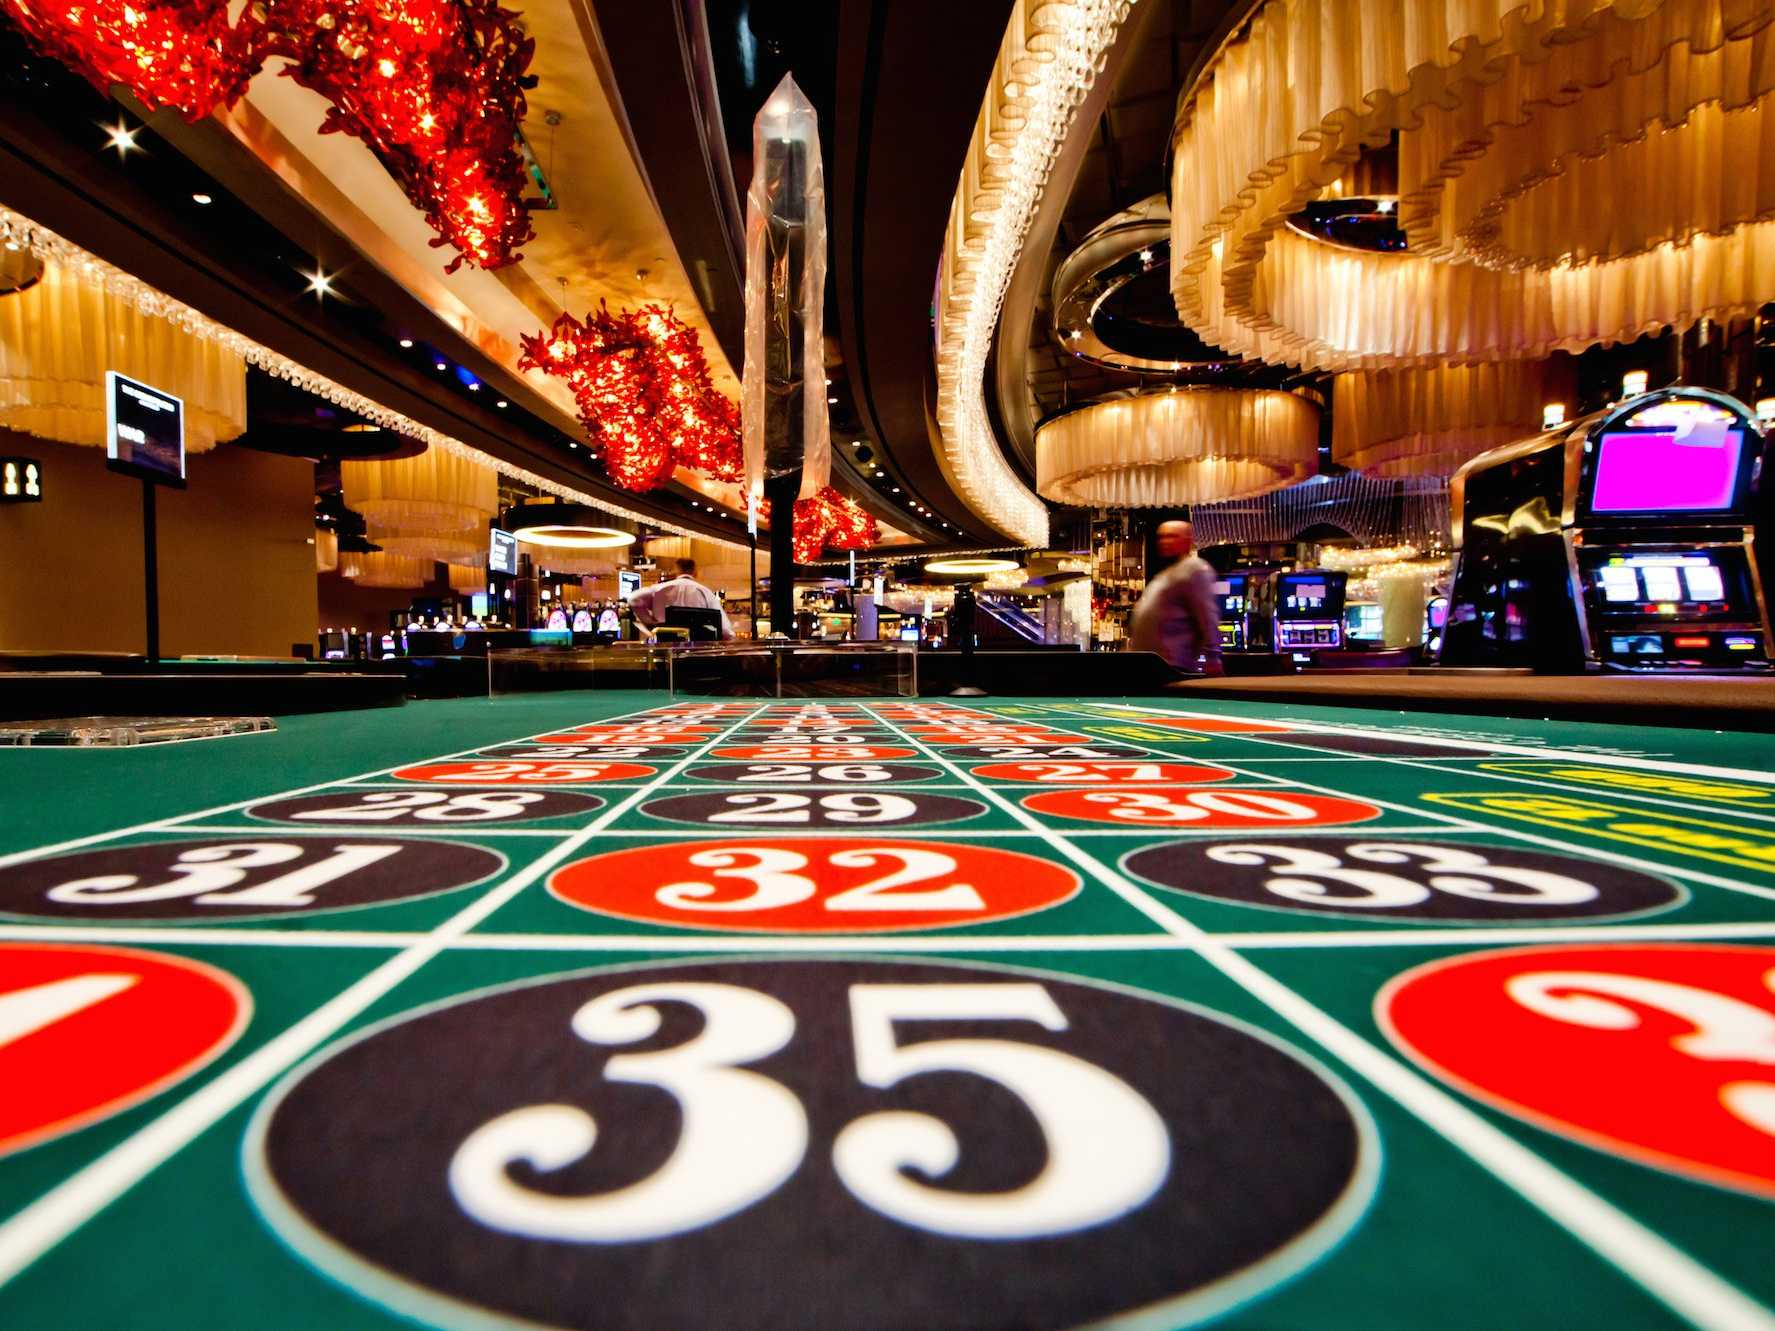 La proroga sul gioco d'azzardo e il Decreto Dignità.